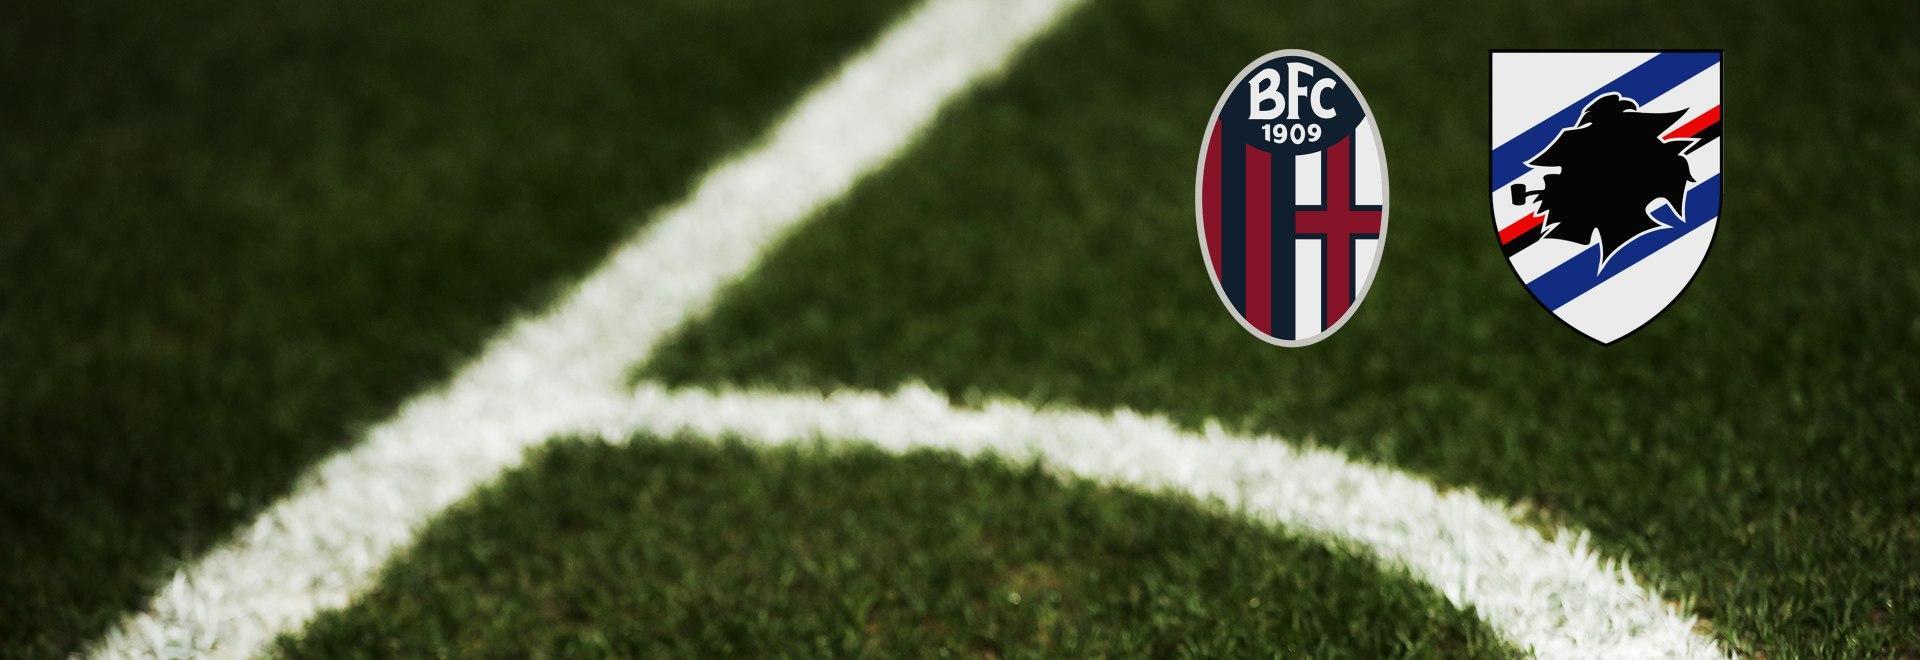 Bologna - Sampdoria. 27a g.